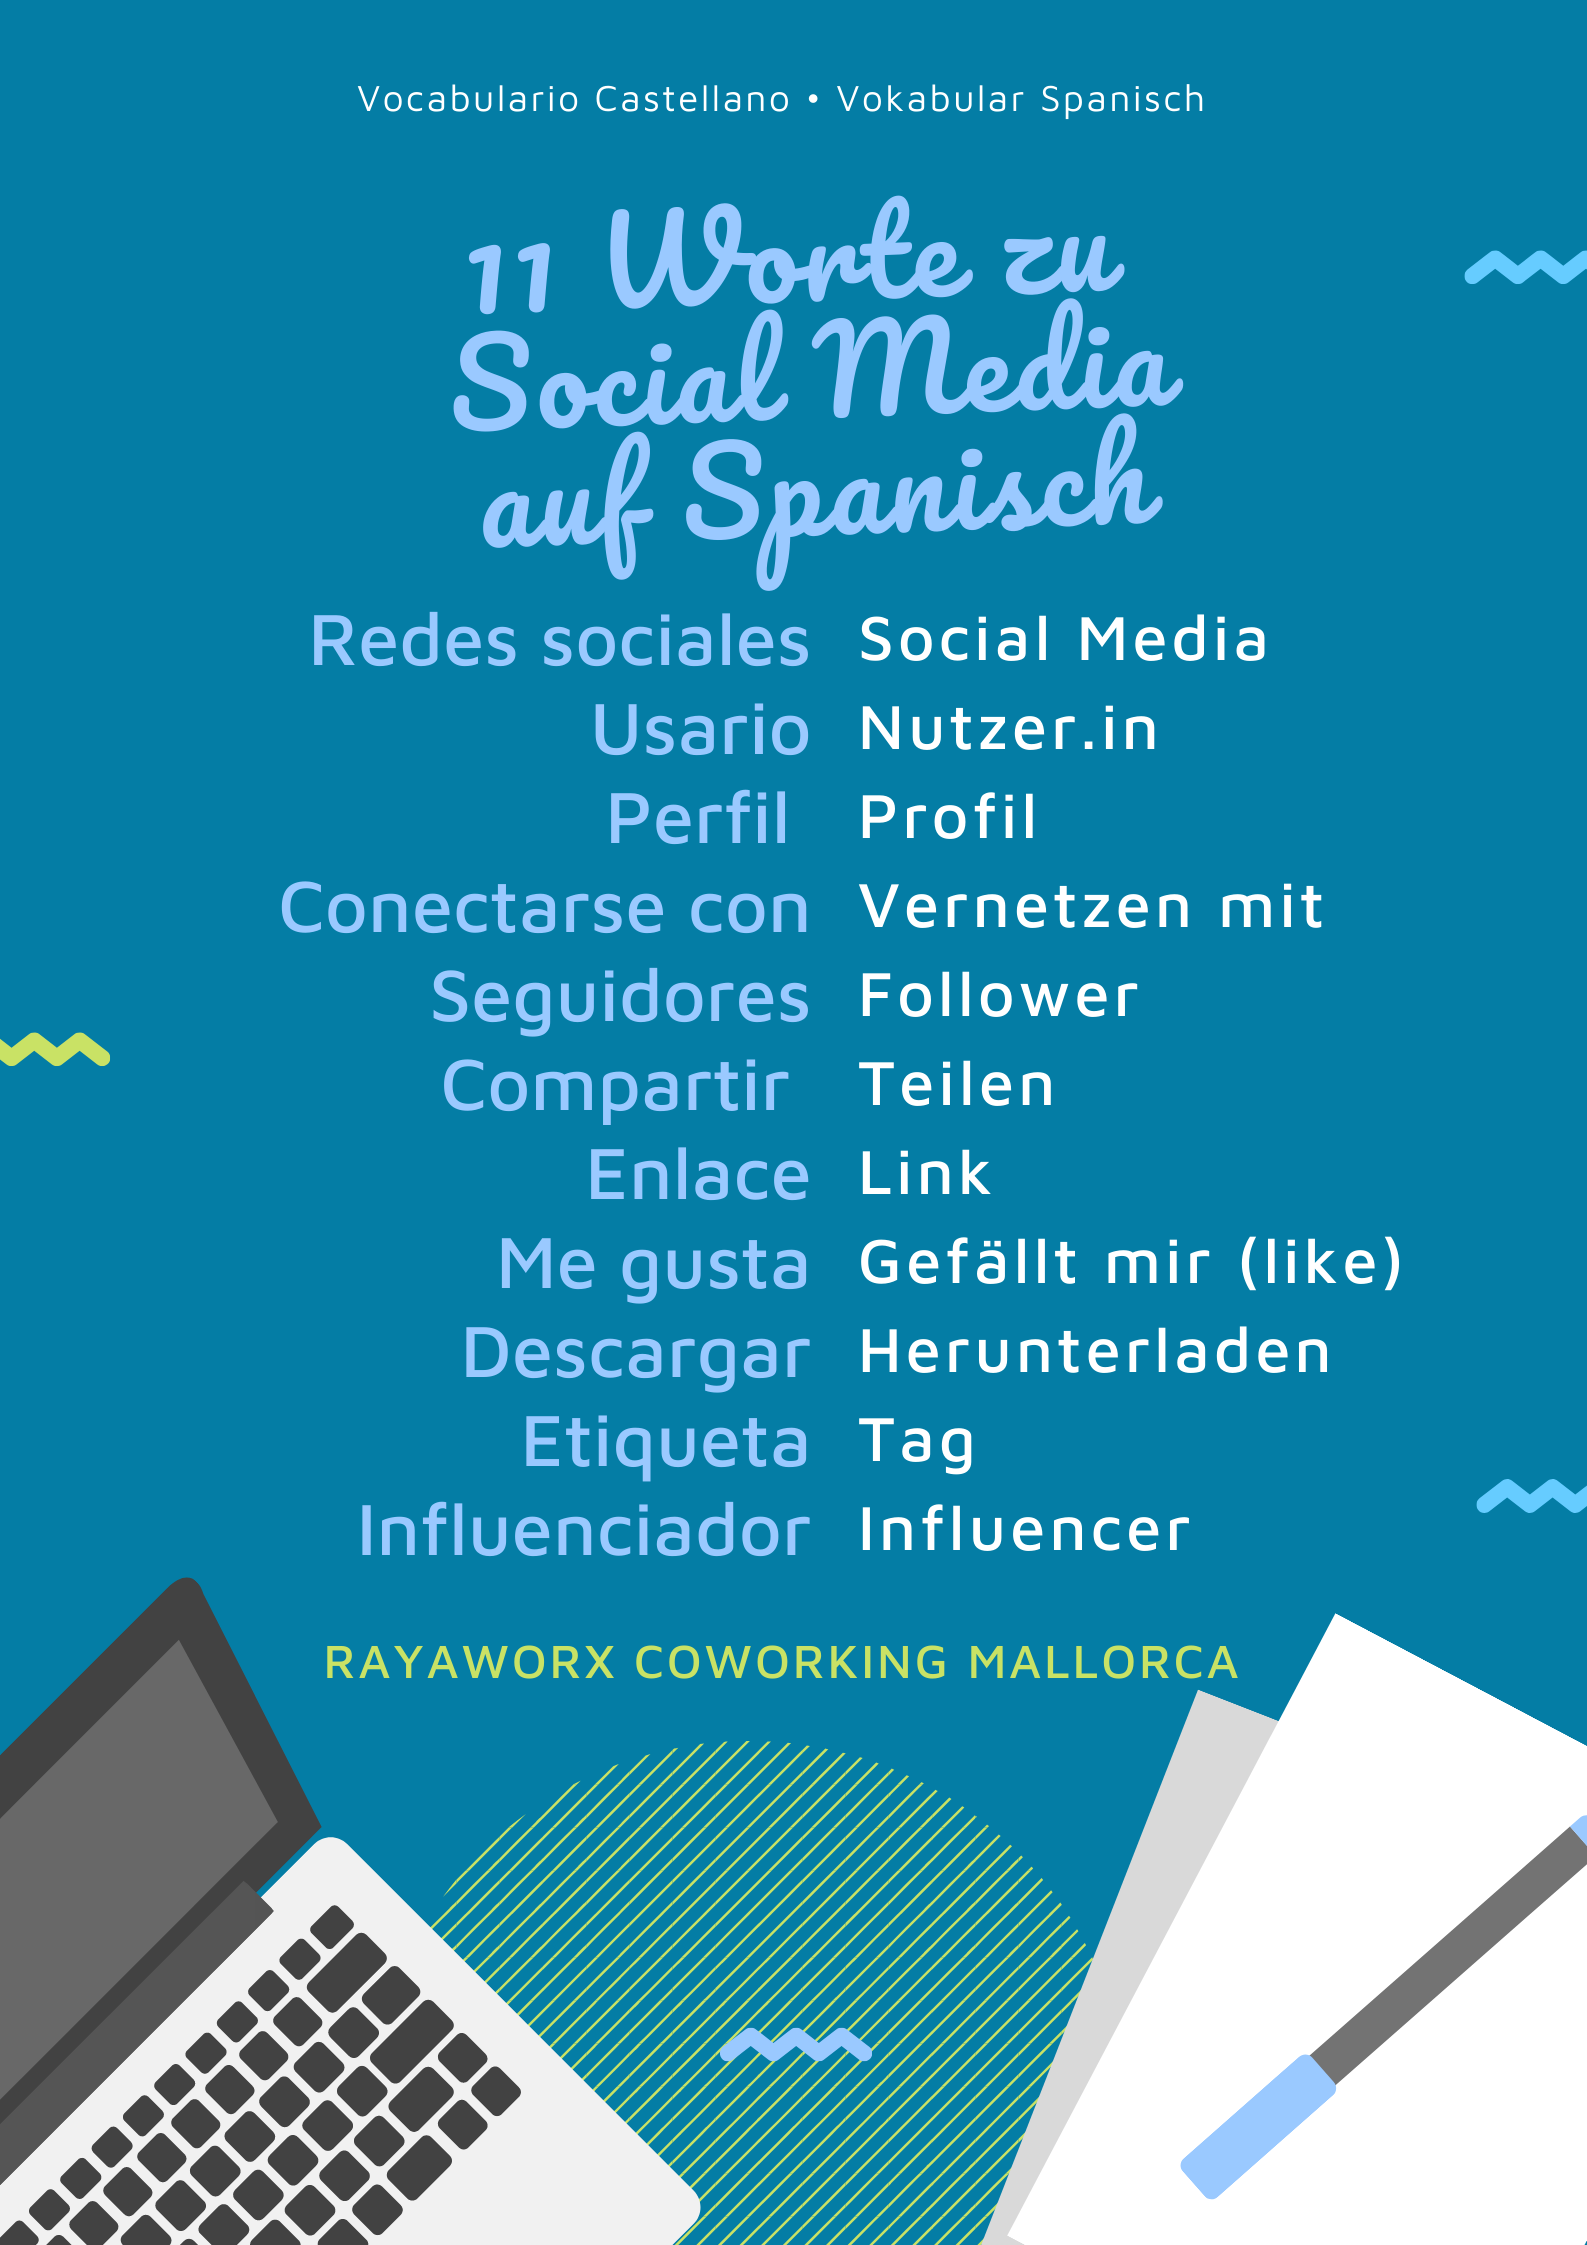 Vocabulario Social Media